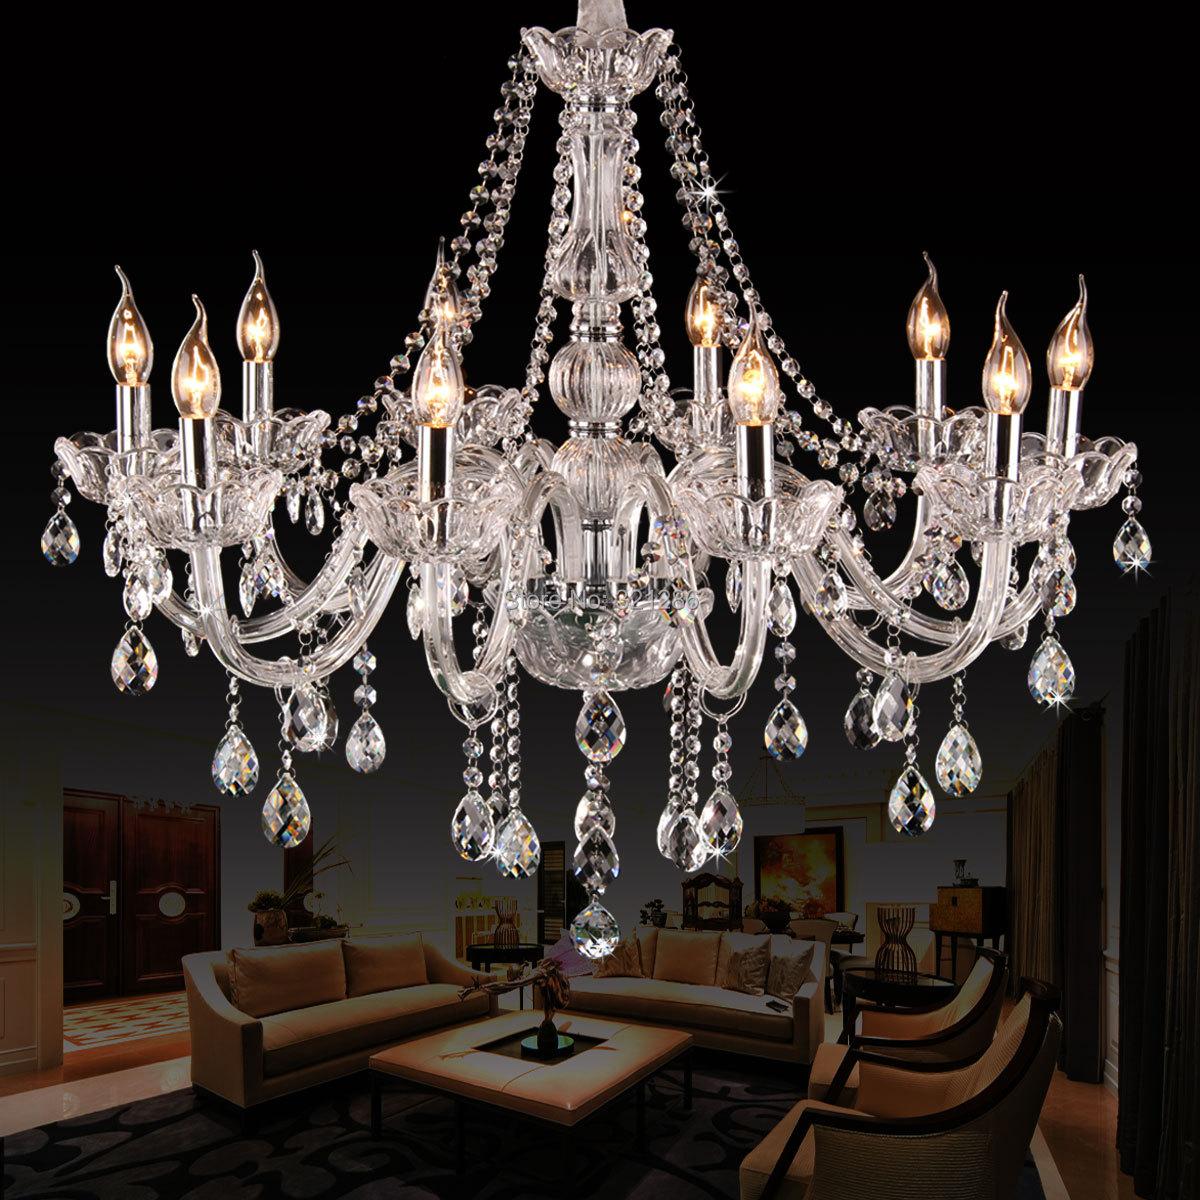 10 голів K9 кришталеві люстри світло вітальні світло спальні лампи ресторан лампа короткий світильник люстра